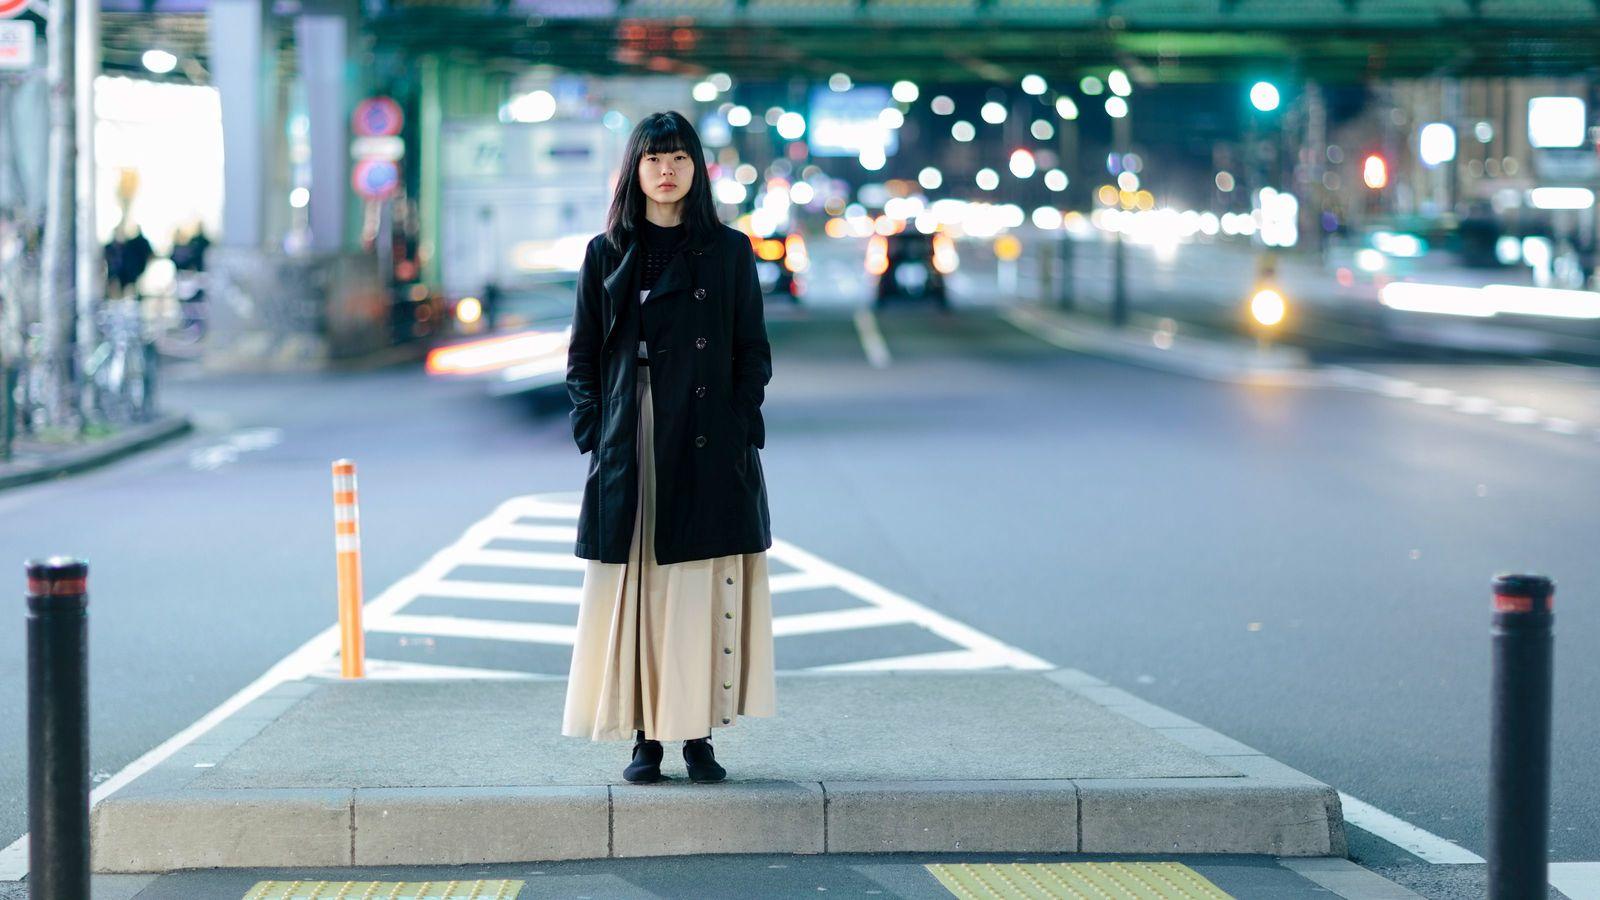 日本は若者が「自立する仕組み」が欠落している 「ひきこもり問題」はその結果だ